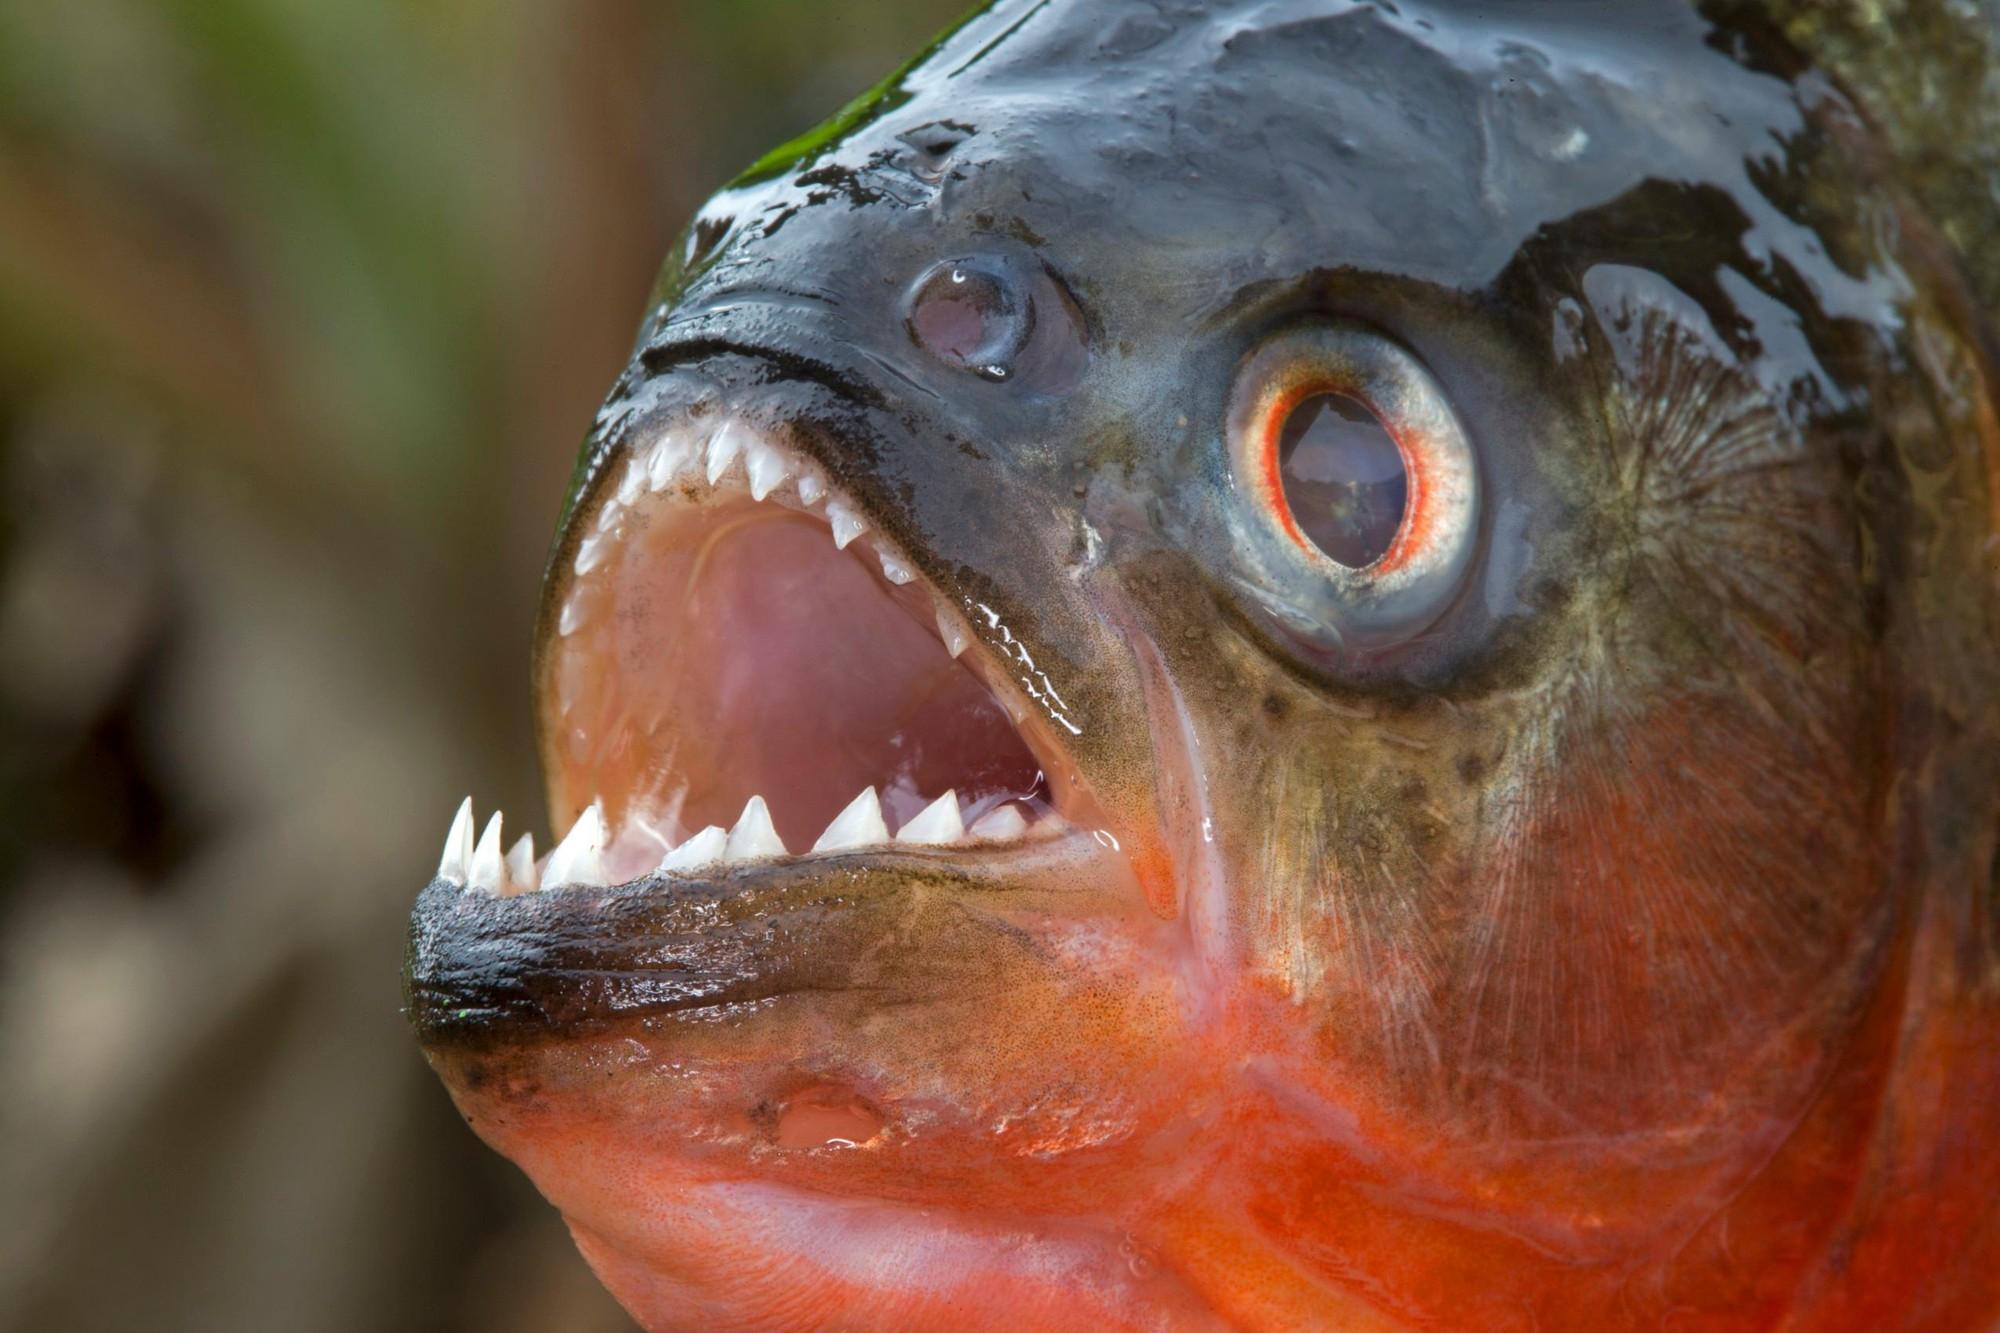 Loài người thực sự nợ cá Piranha khét tiếng Amazon một lời xin lỗi: chúng đáng sợ là do con người - Ảnh 1.